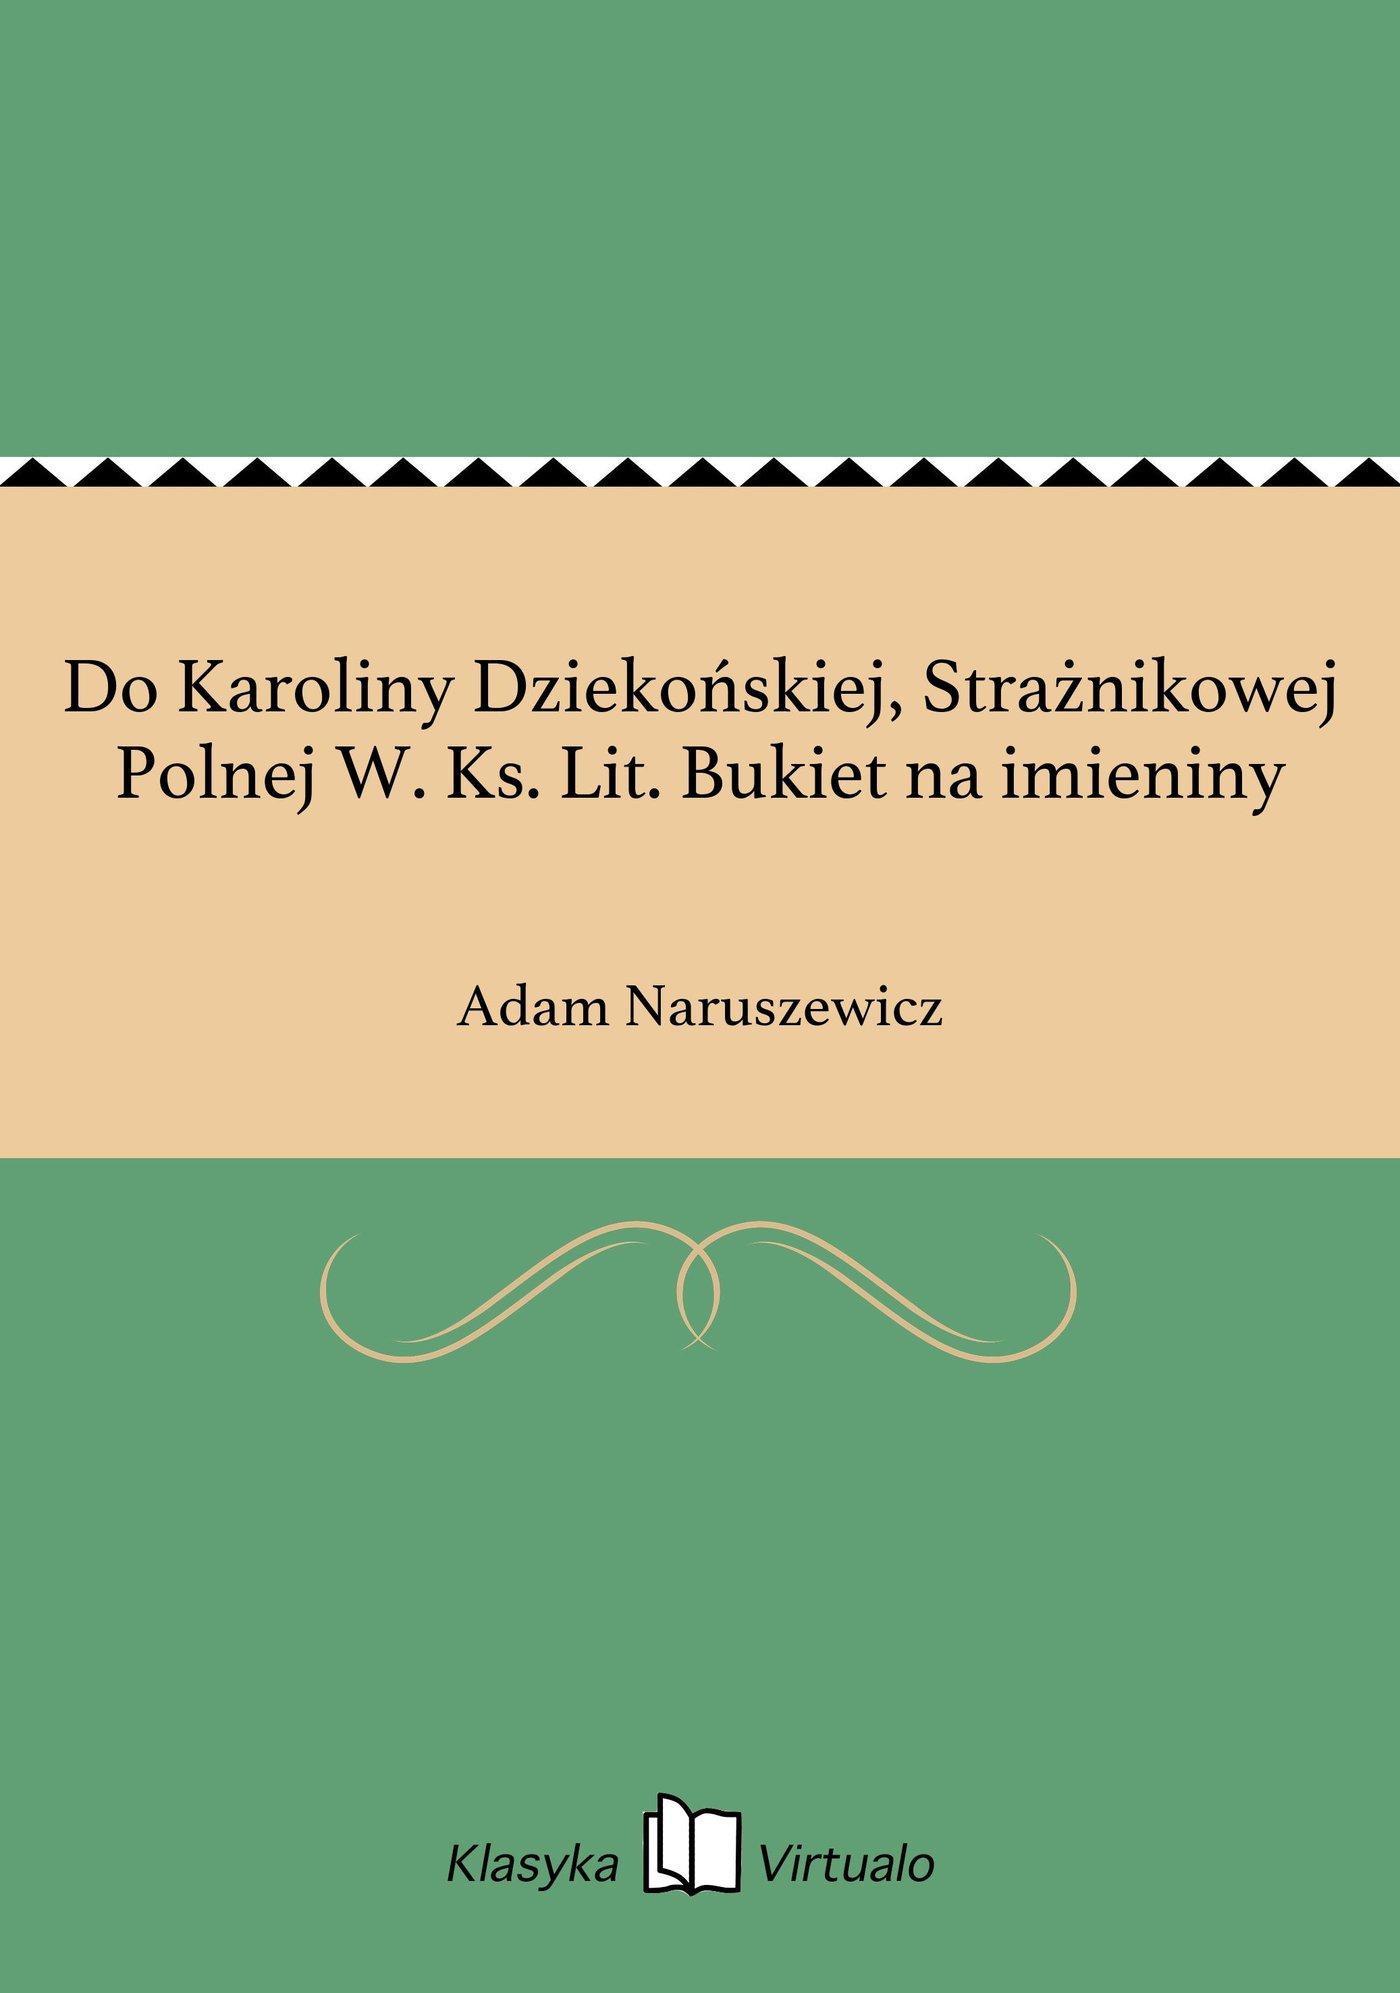 Do Karoliny Dziekońskiej, Strażnikowej Polnej W. Ks. Lit. Bukiet na imieniny - Ebook (Książka na Kindle) do pobrania w formacie MOBI